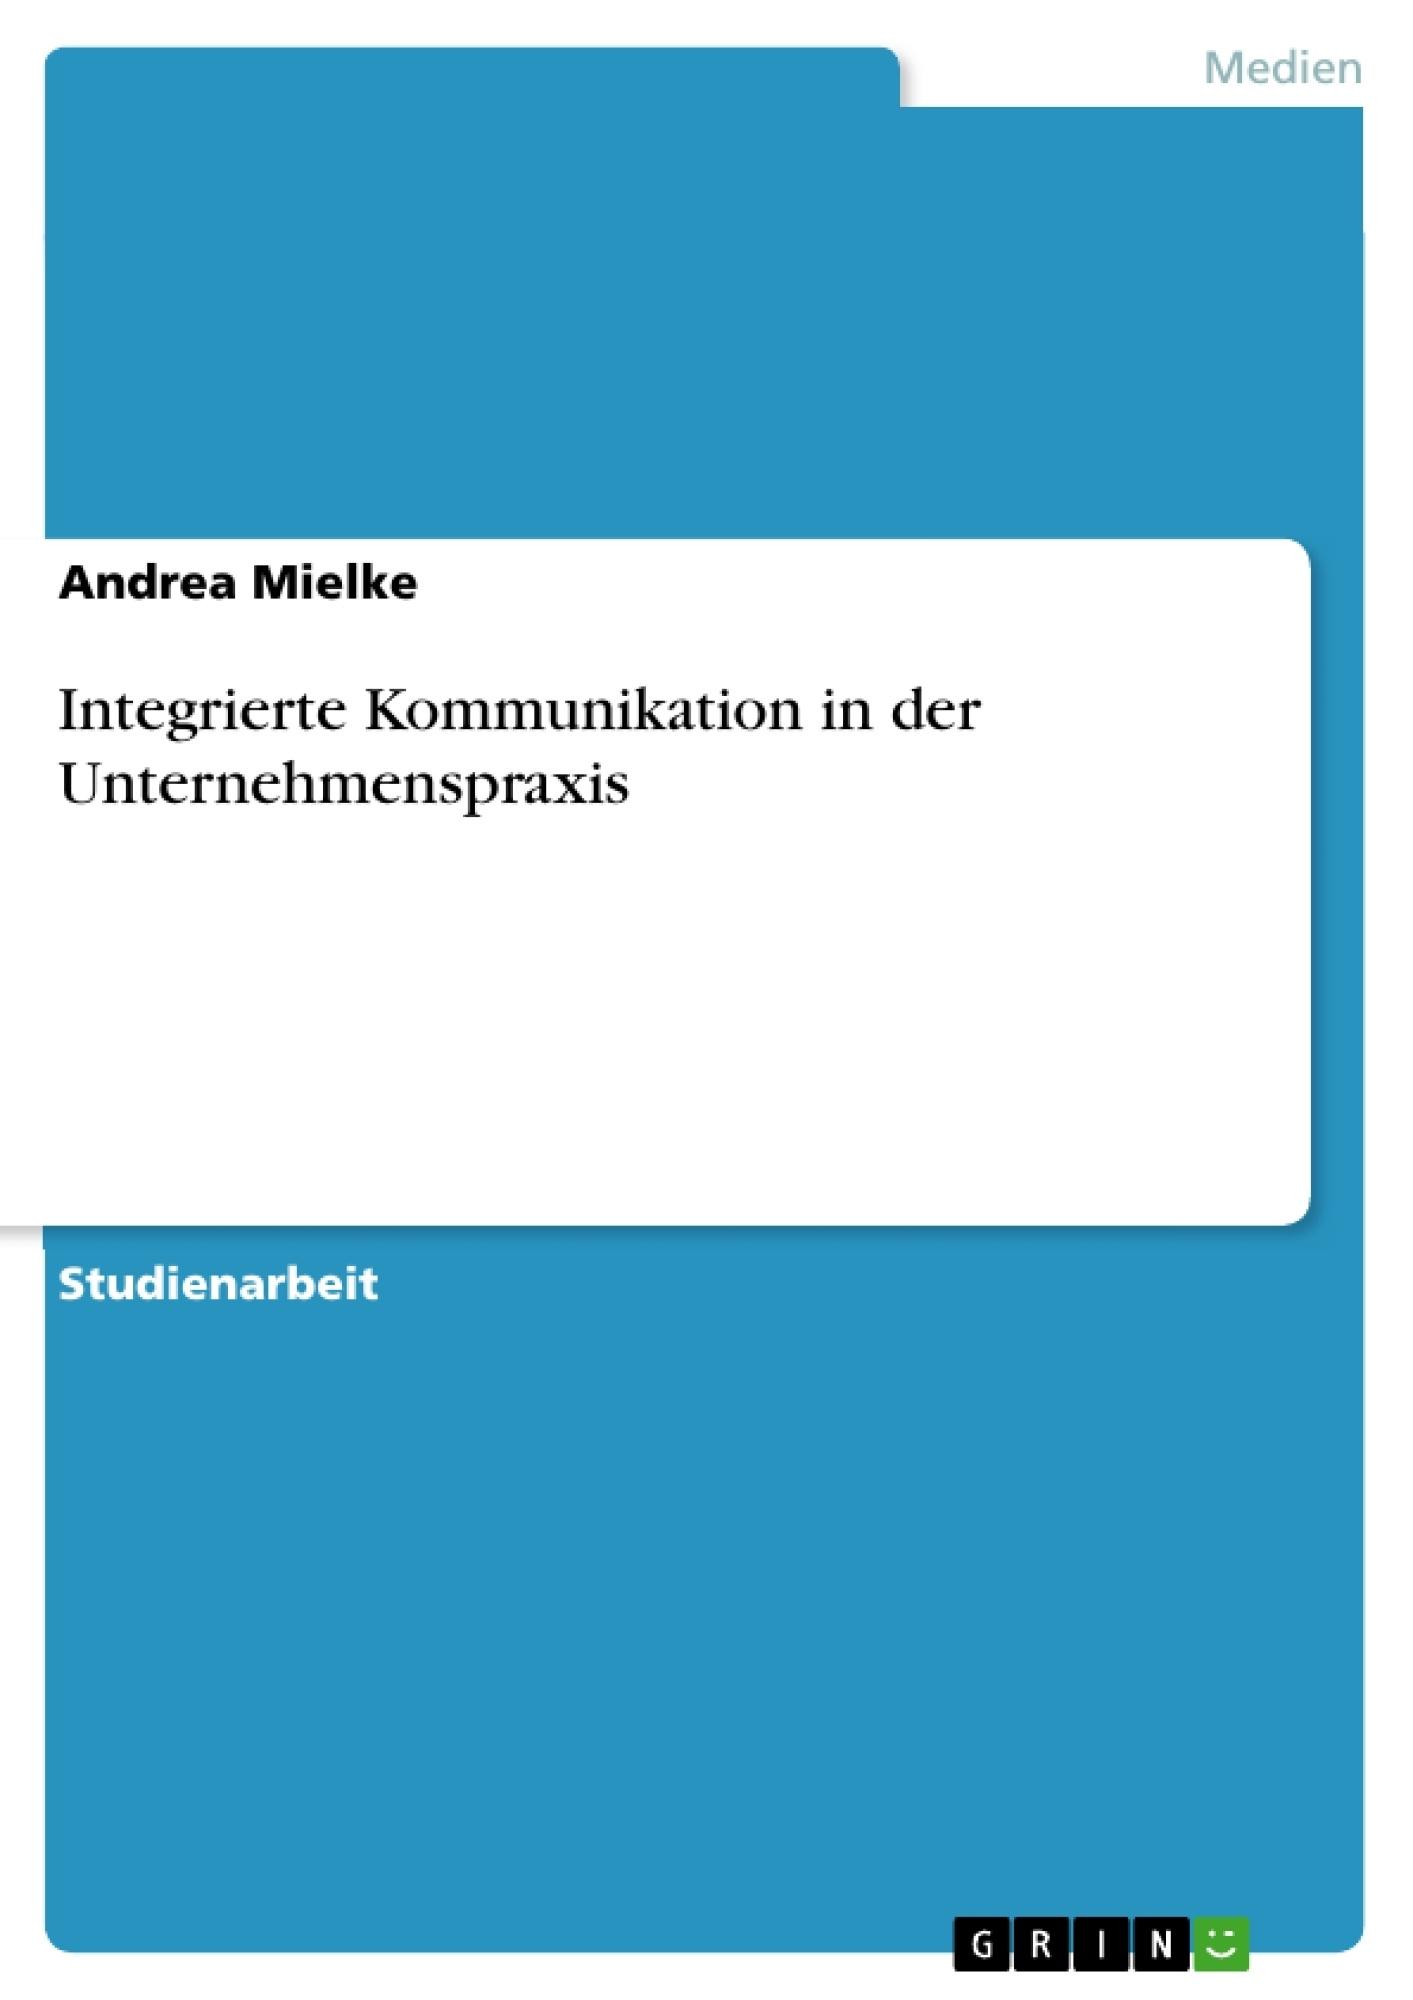 Titel: Integrierte Kommunikation in der Unternehmenspraxis